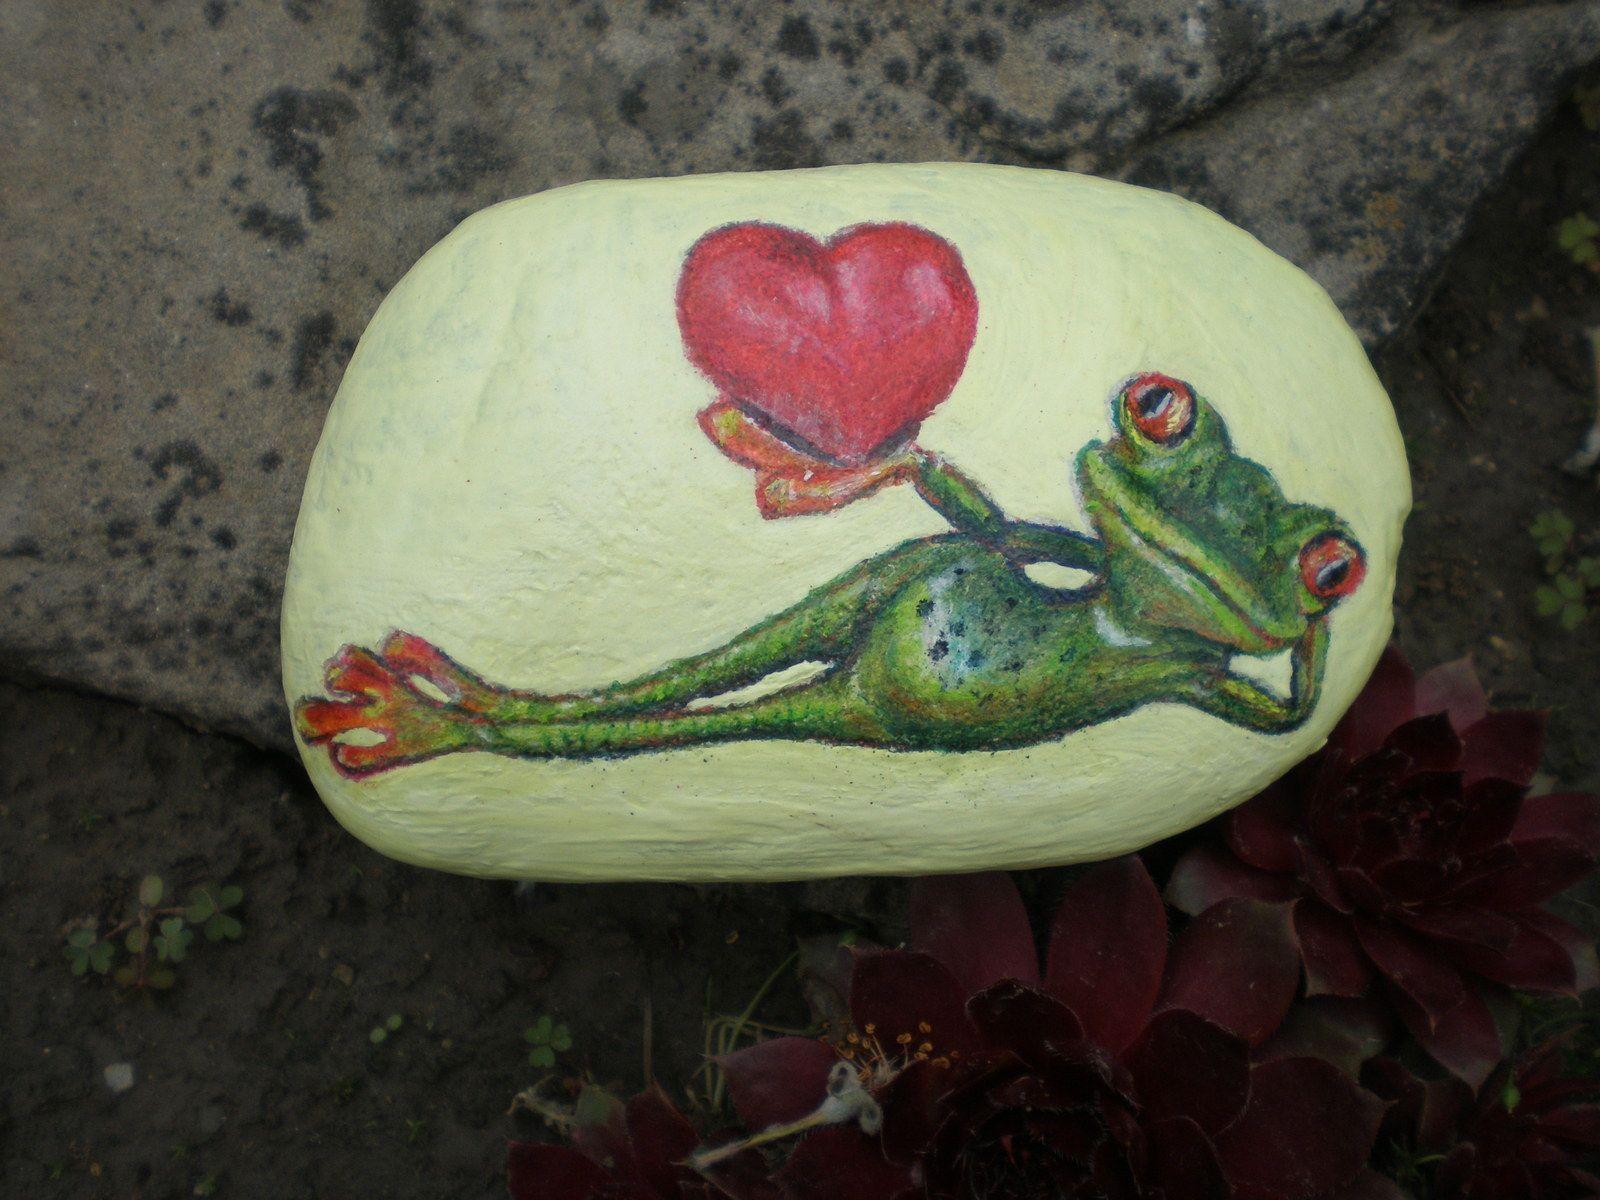 Zamilovaný žabák Dekorativní kamínek oválného tvaru v rozměrech 10 x 6 cm s motivem zamilovaného žabáčka, který ukazuje světu veikost své lásky ...